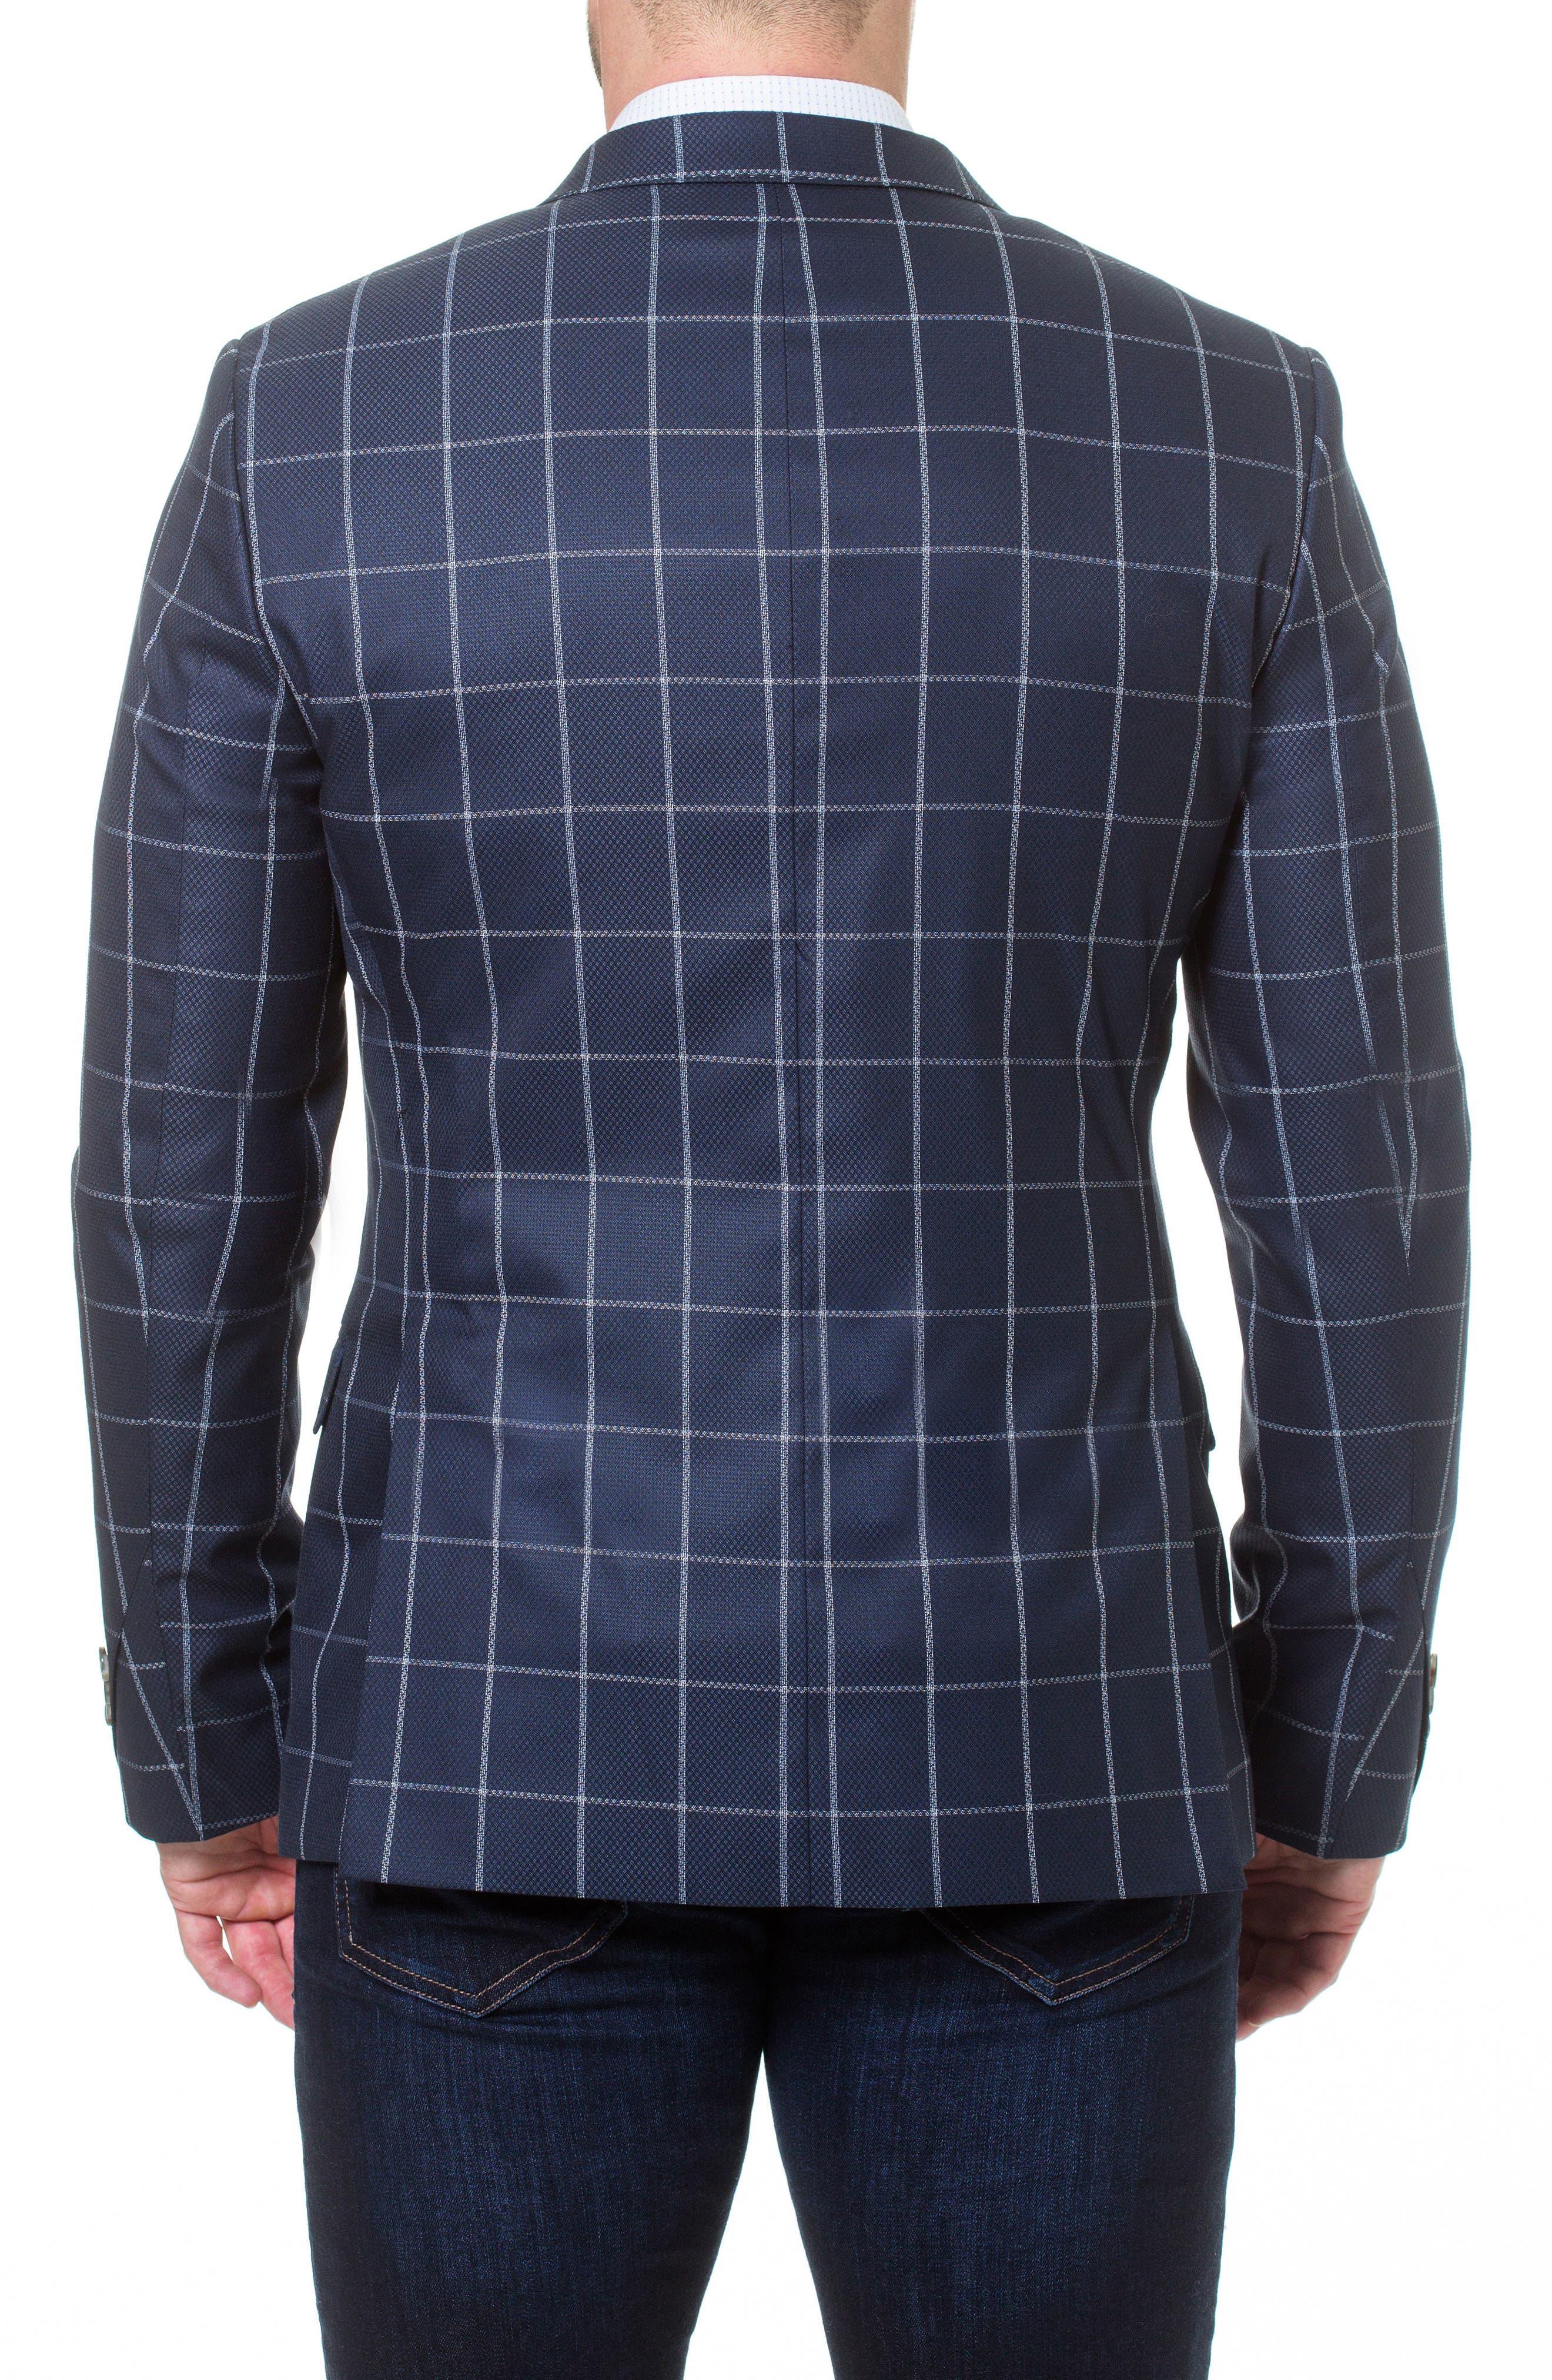 Descartes Check Linen & Cotton Blend Sport Coat,                             Alternate thumbnail 2, color,                             420